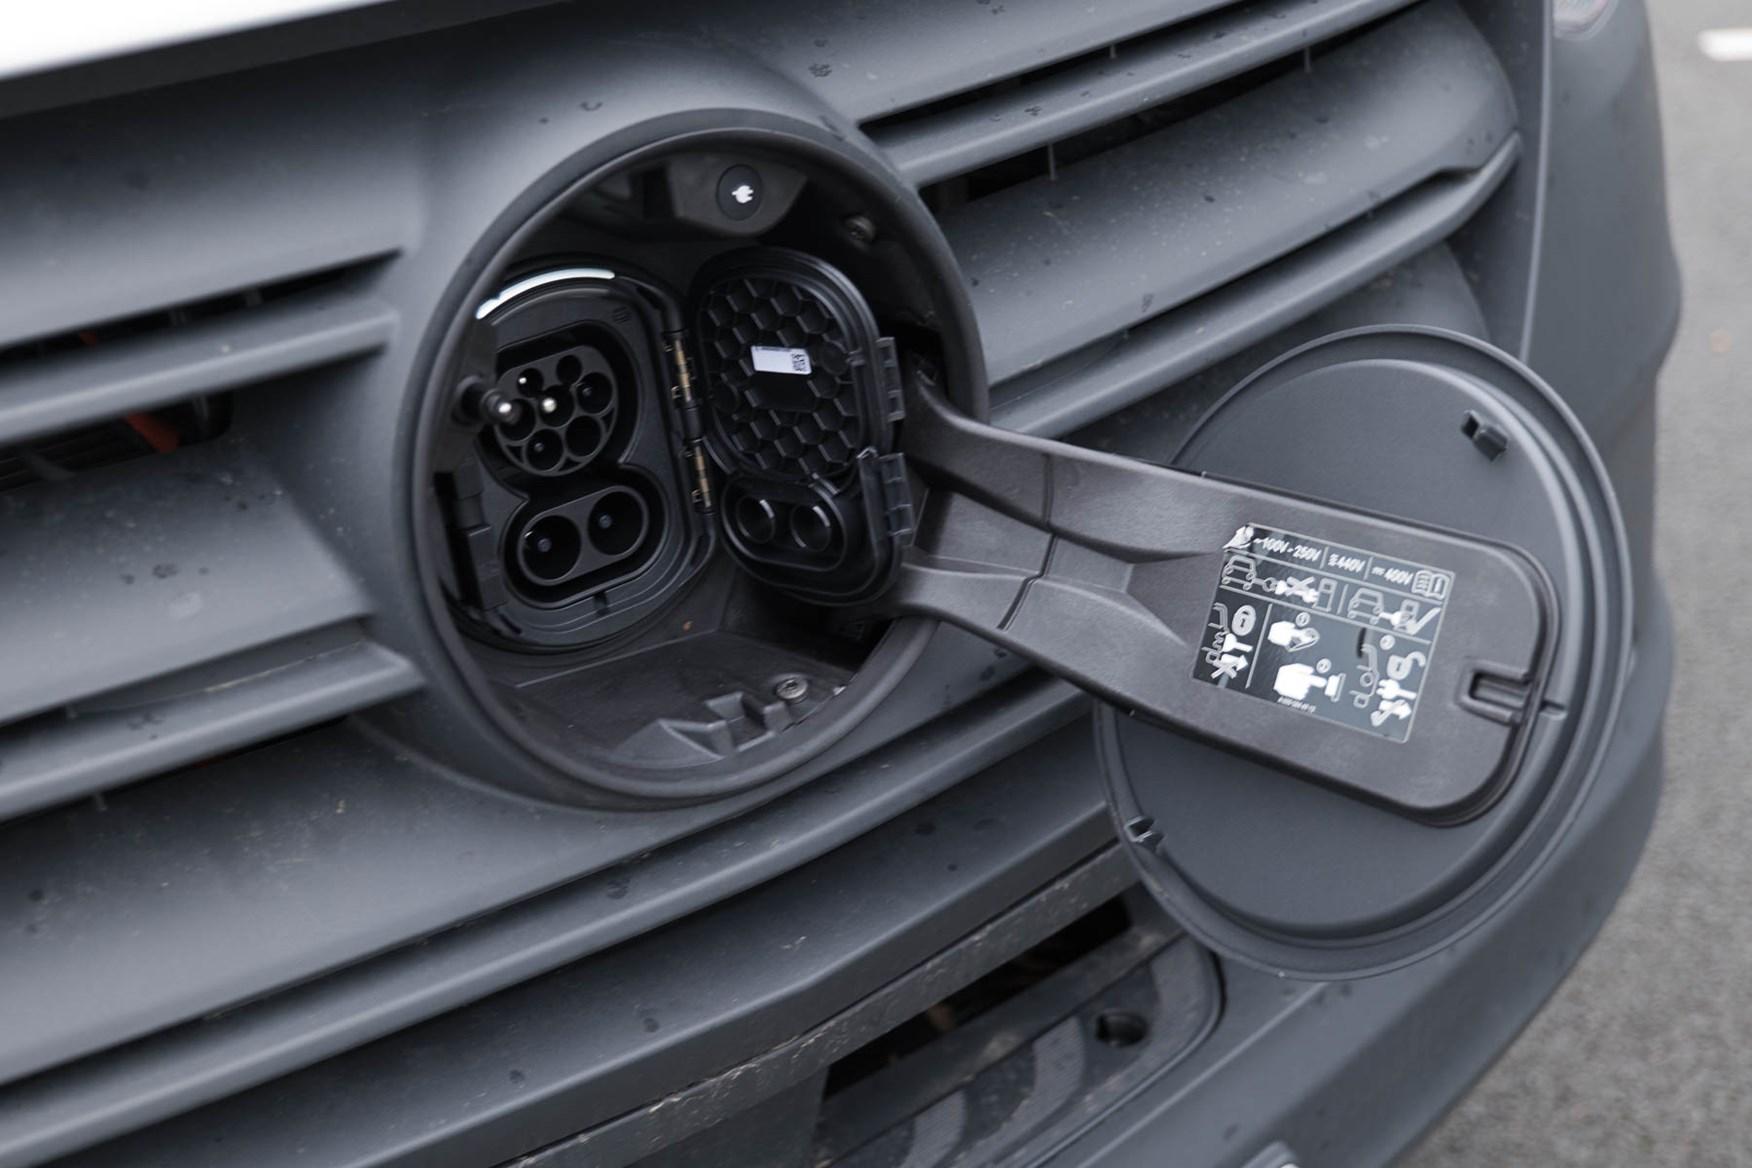 2020 Mercedes-Benz eSprinter - charging port